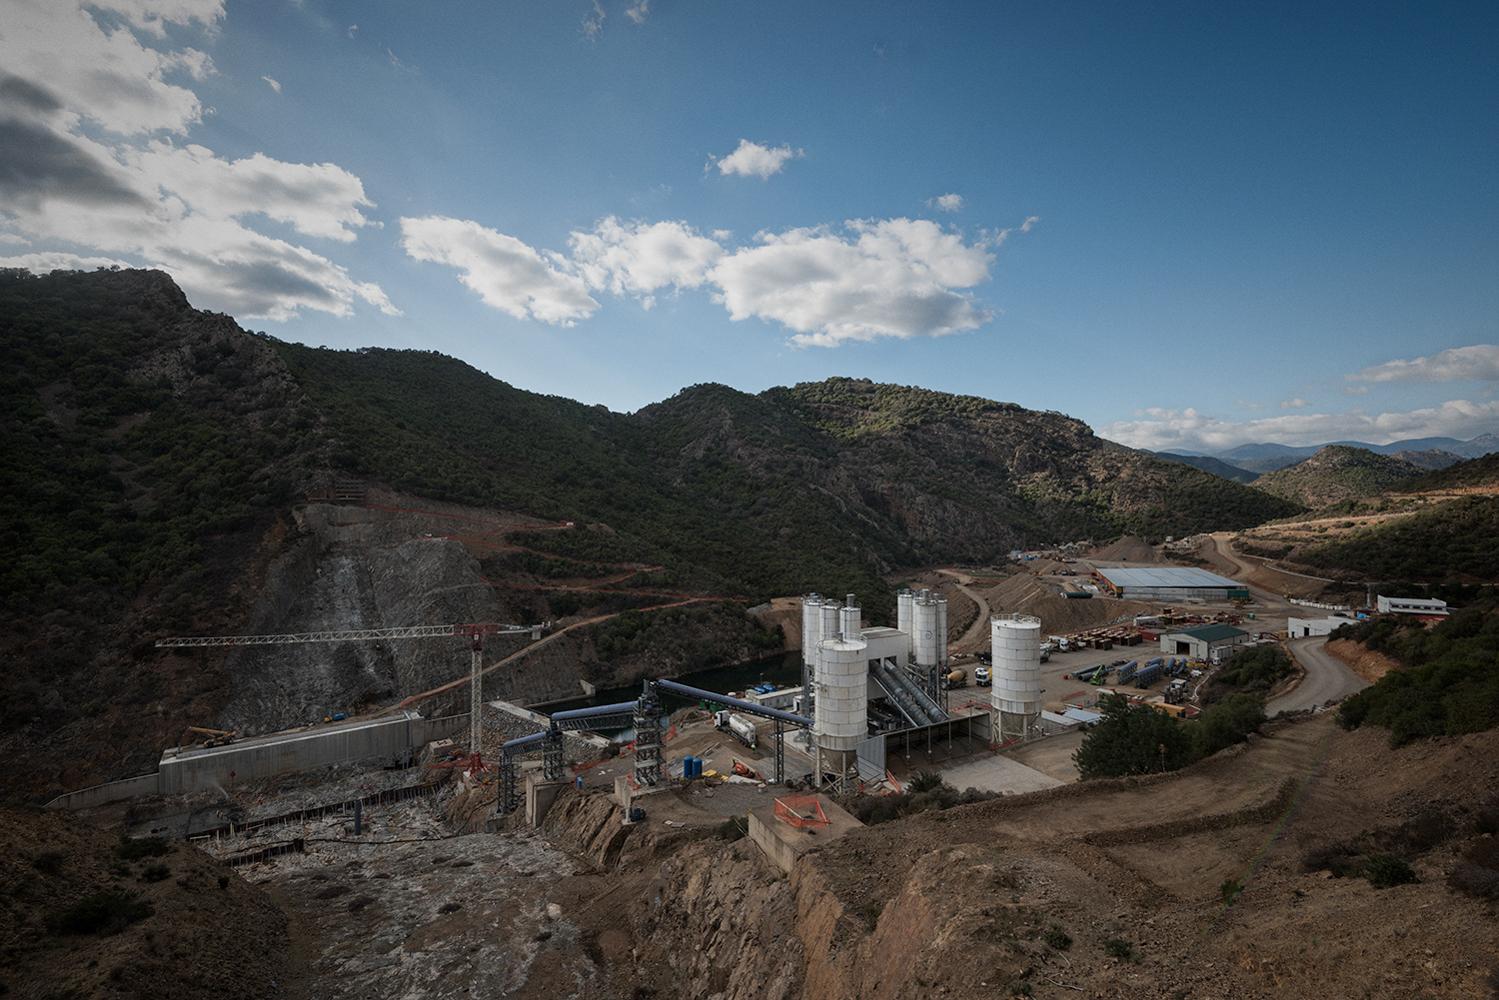 La diga di Monte Nieddu – Is Canargius, in territorio Sa Stria, progettata nel 1960, i cui lavori dovrebbero concludersi nel 2020, con i suoi 35 milioni di metri cubi d'acqua avrebbe garantito uno sviluppo complementare a quello industriale.  Sarroch (Cagliari), 2017.